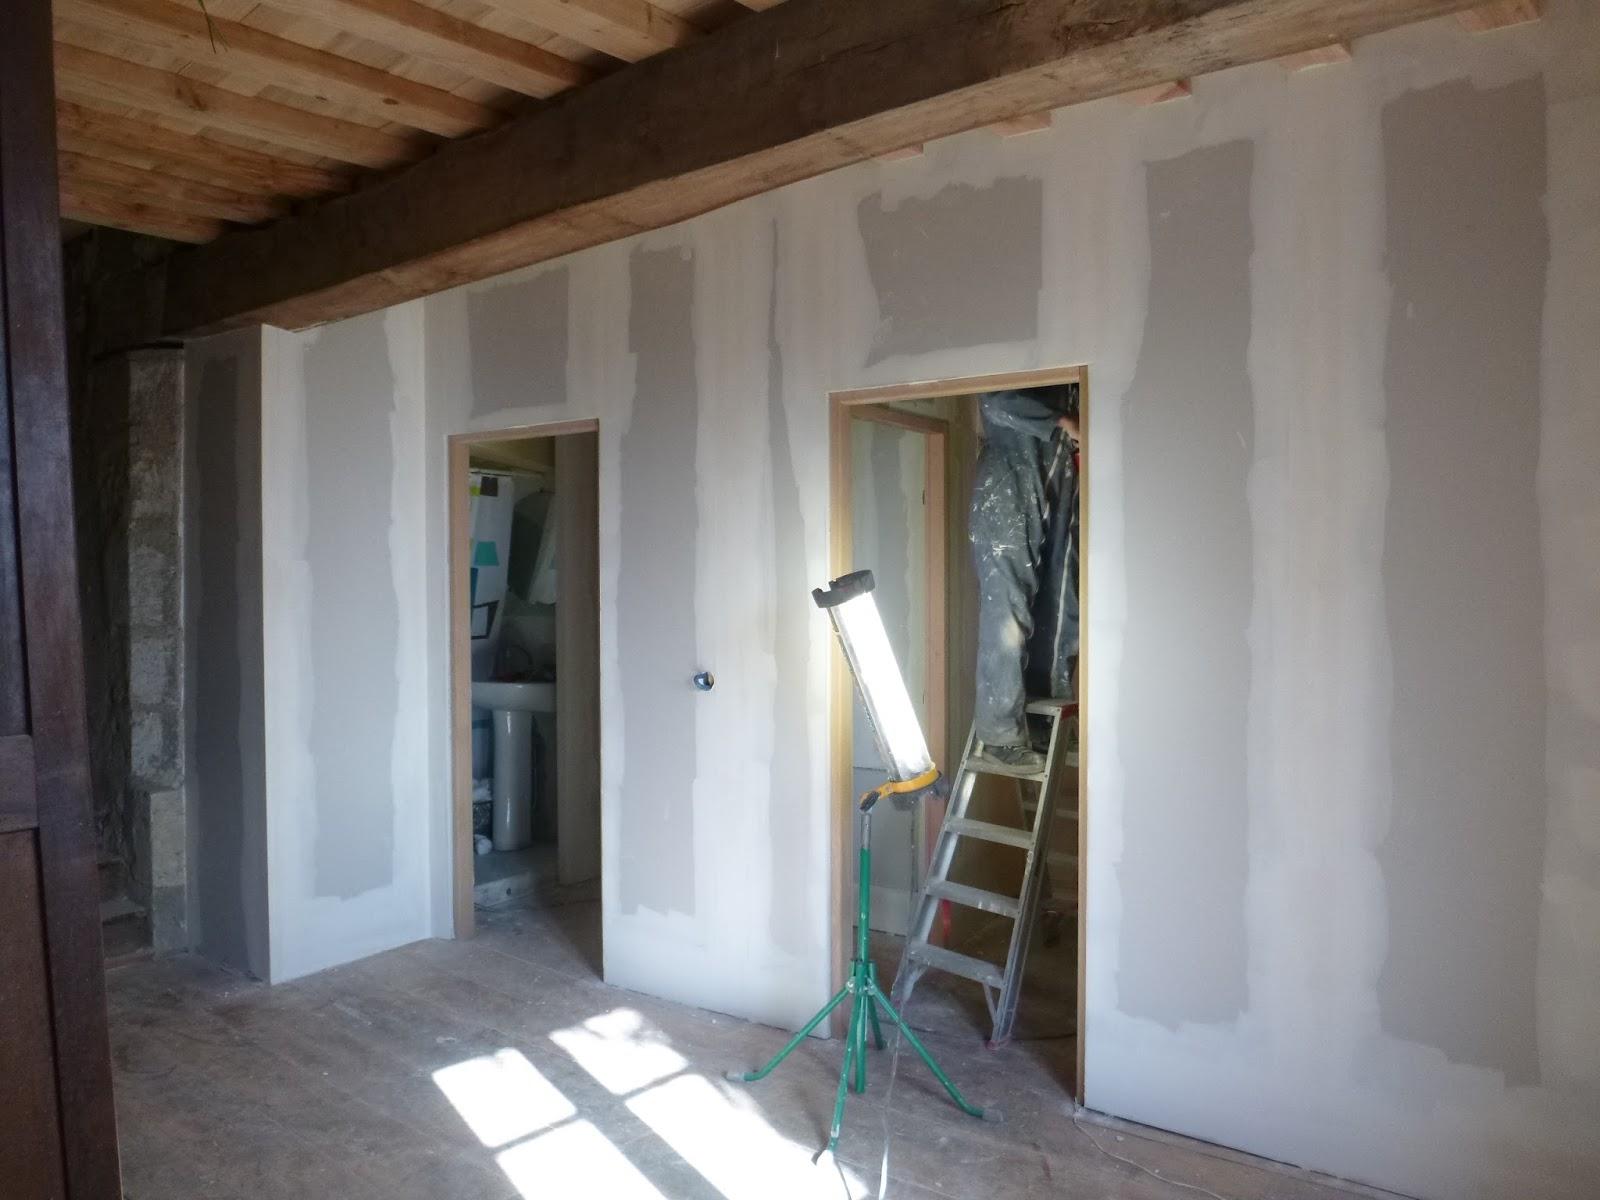 Les terrasses de bessou chantier maintenant 8 13 mars for Badigeons de chaux interieur